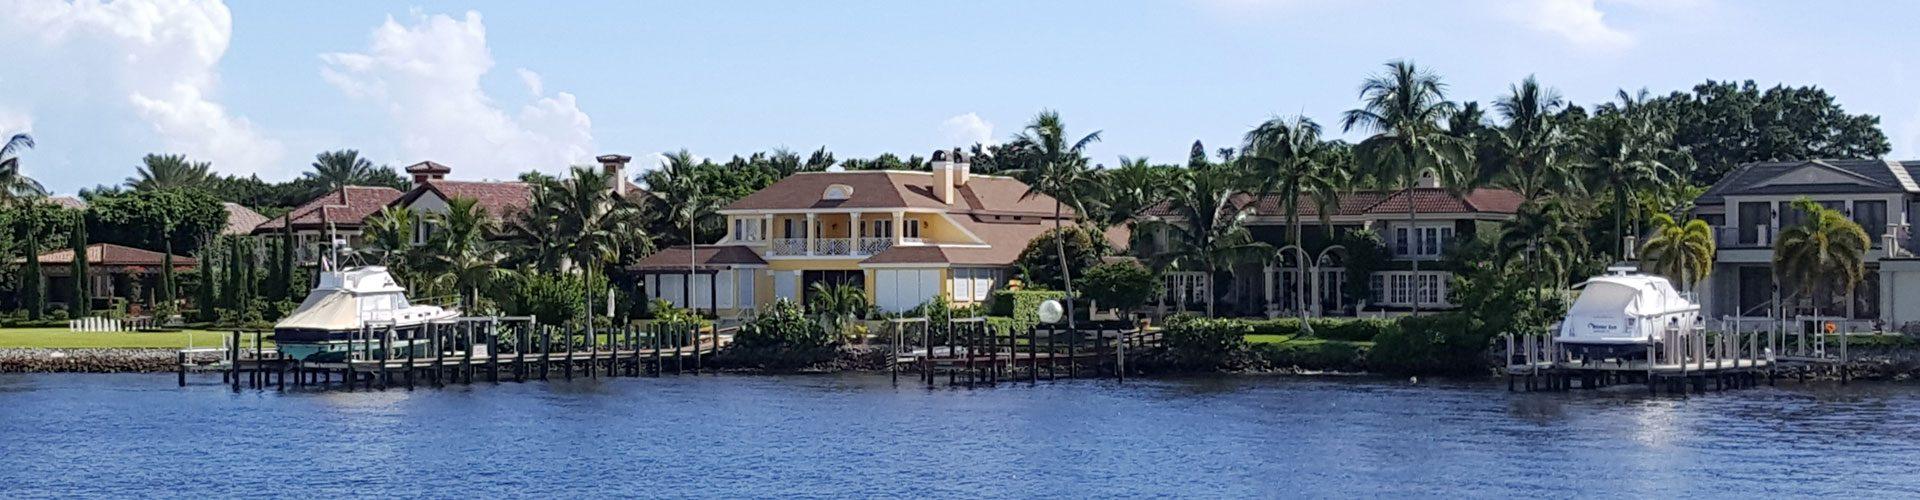 Naples Bay, Florida